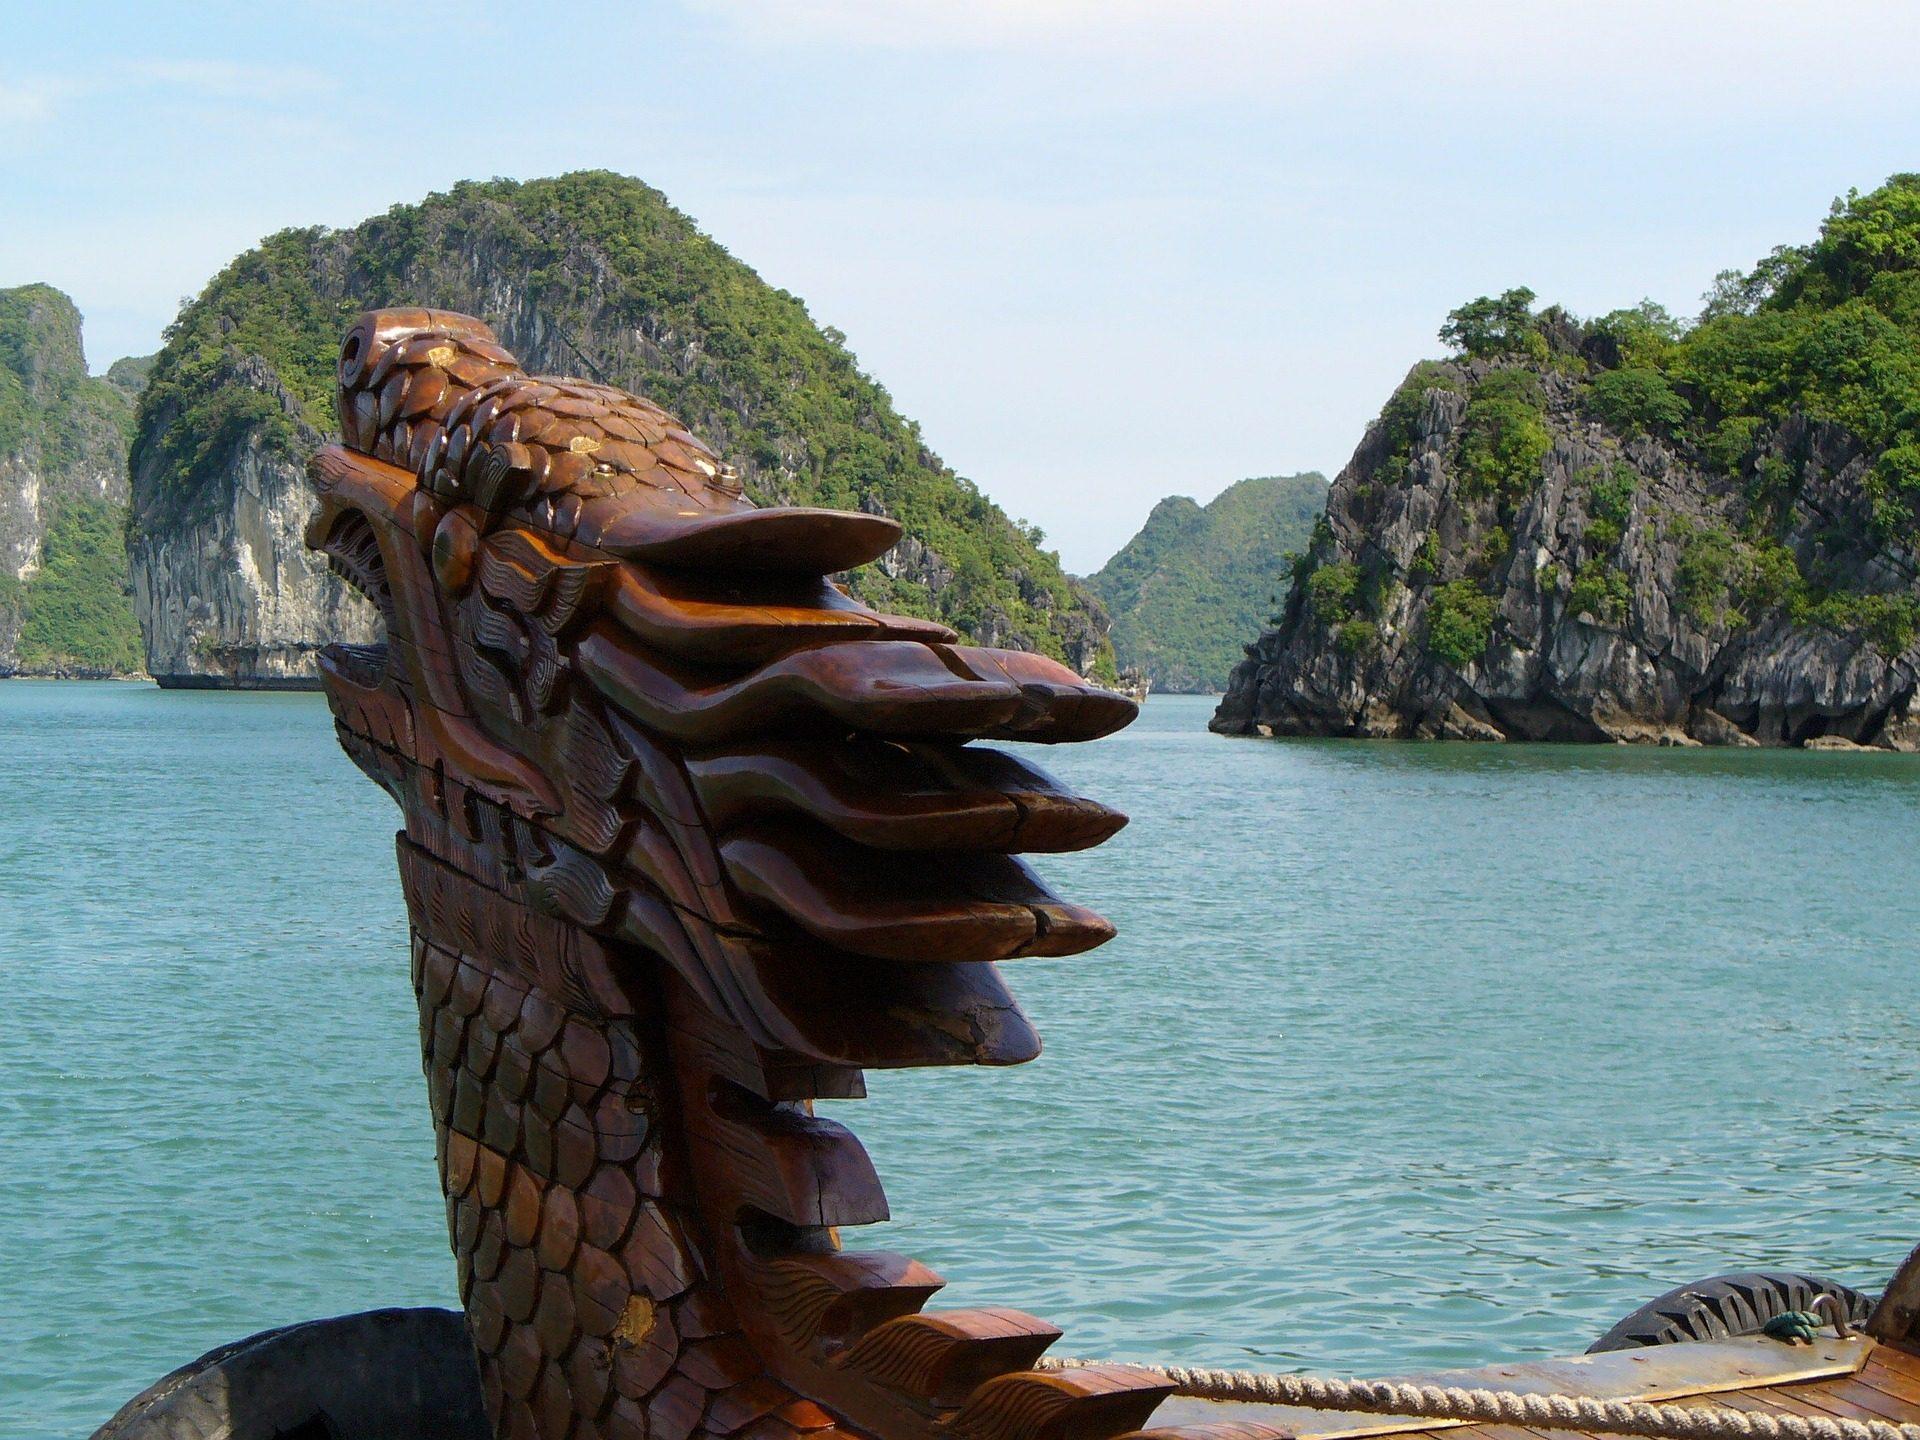 скульптура, Дракон, Монтаньяс, Море, скалы, Вьетнам - Обои HD - Профессор falken.com